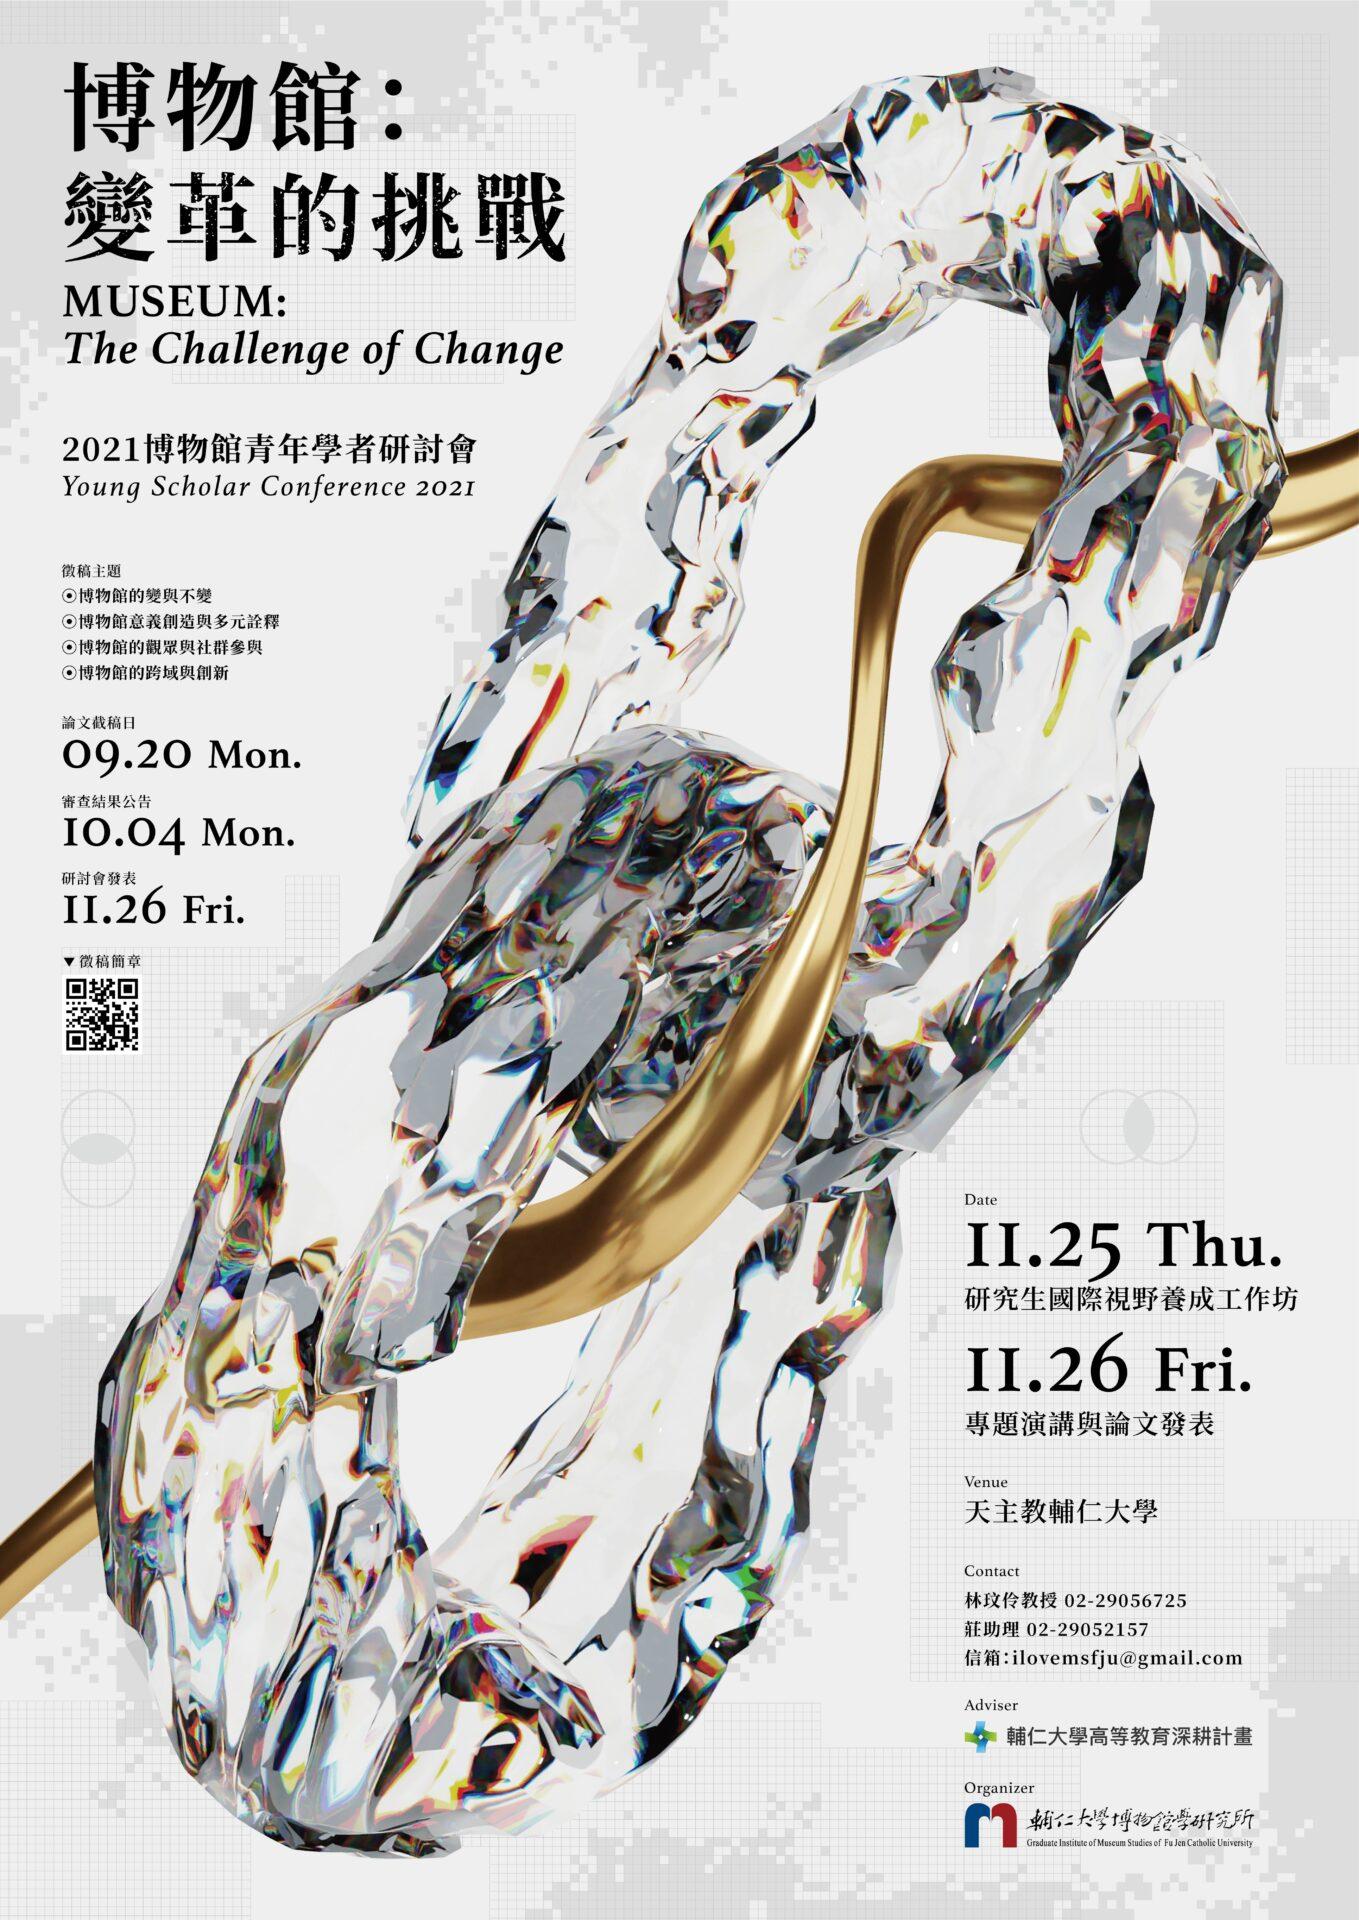 輔仁大學博物館學研究所:2021/11/25-26【博物館:變革的挑戰 青年學者研討會】